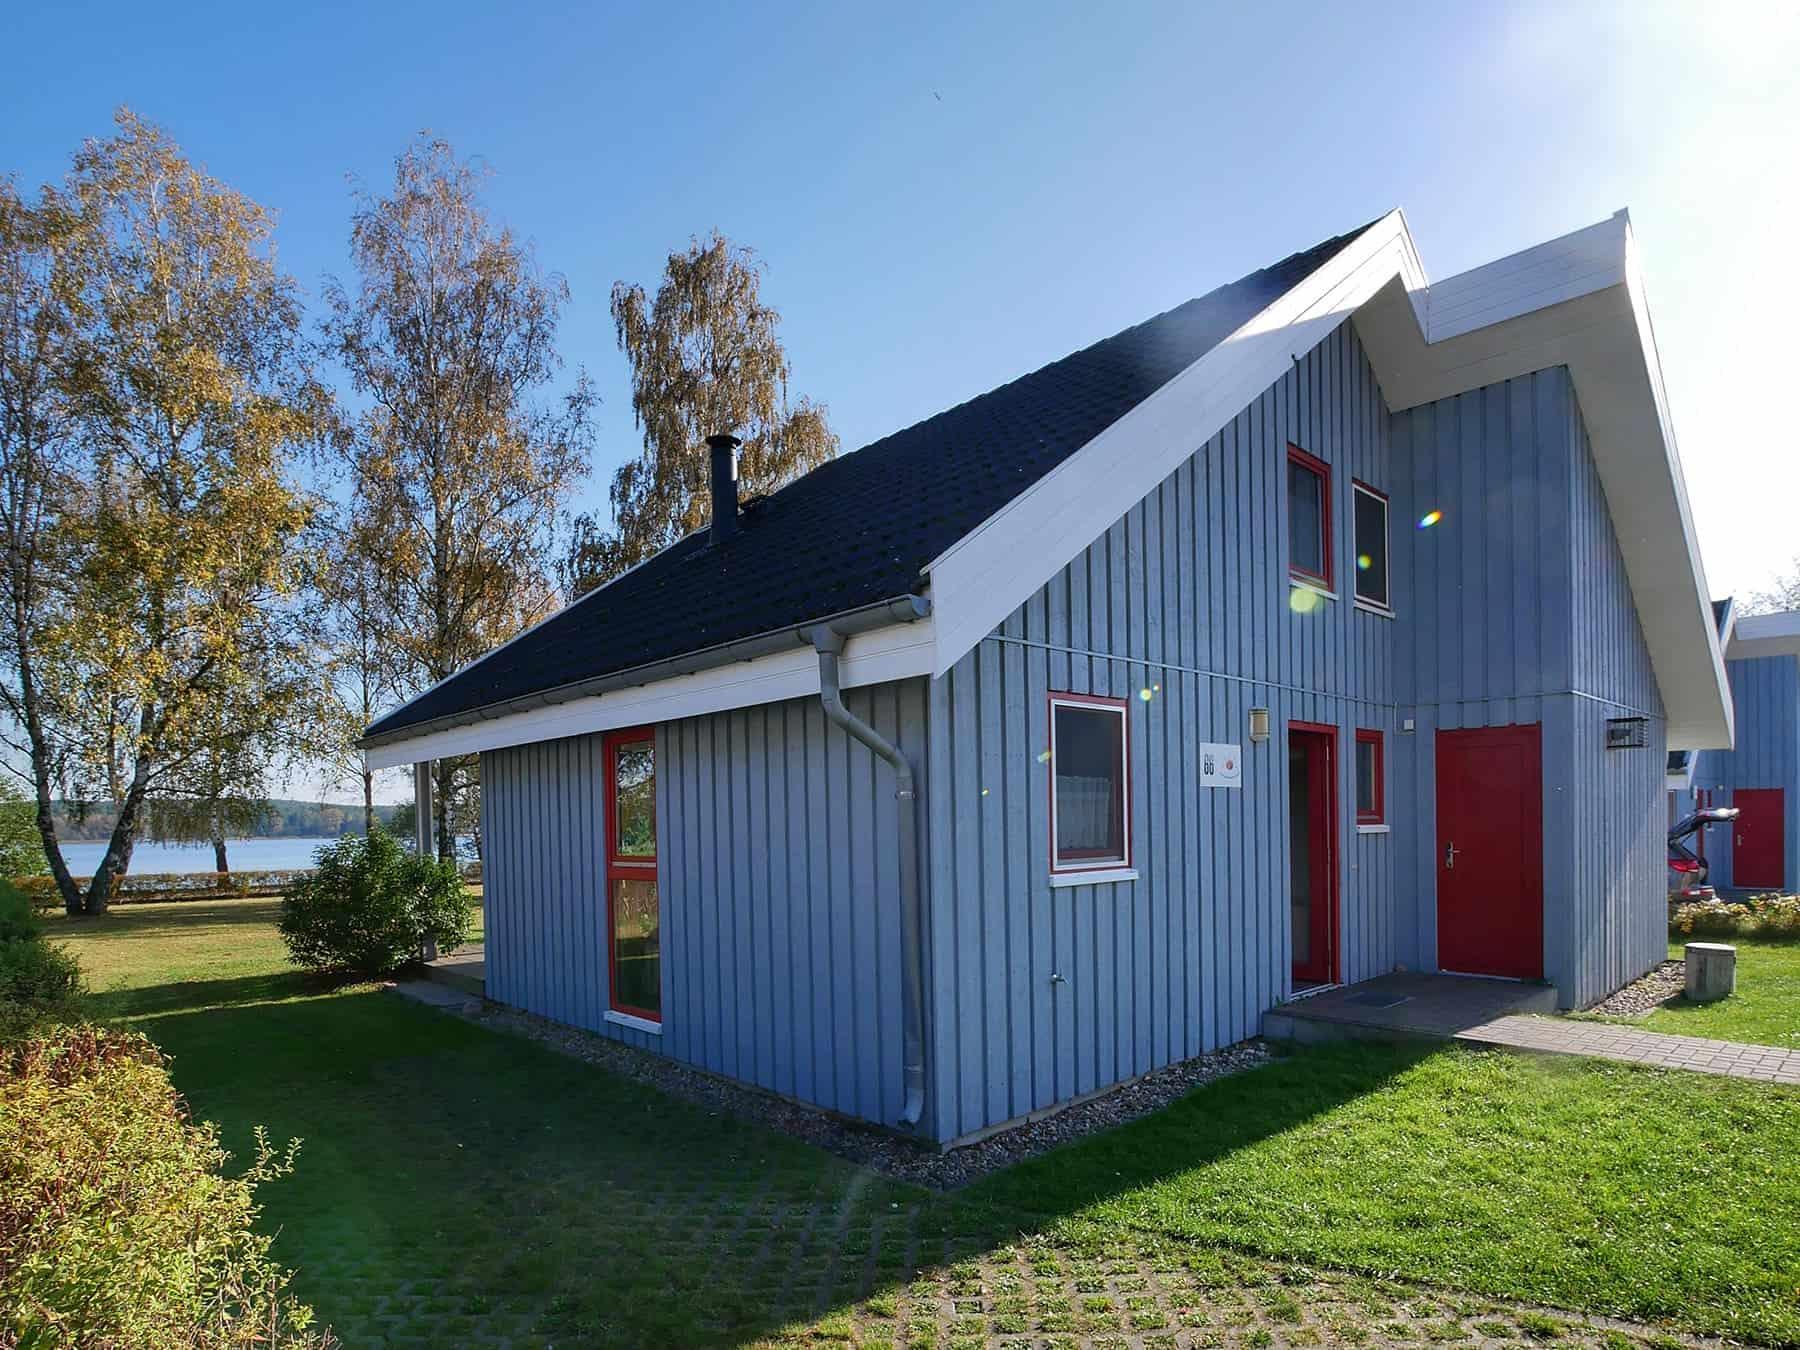 Ferienhaus Seeperle in der 1. Reihe zum See mit Whirlpool inkl. Nebenkosten in Wendisch Rietz